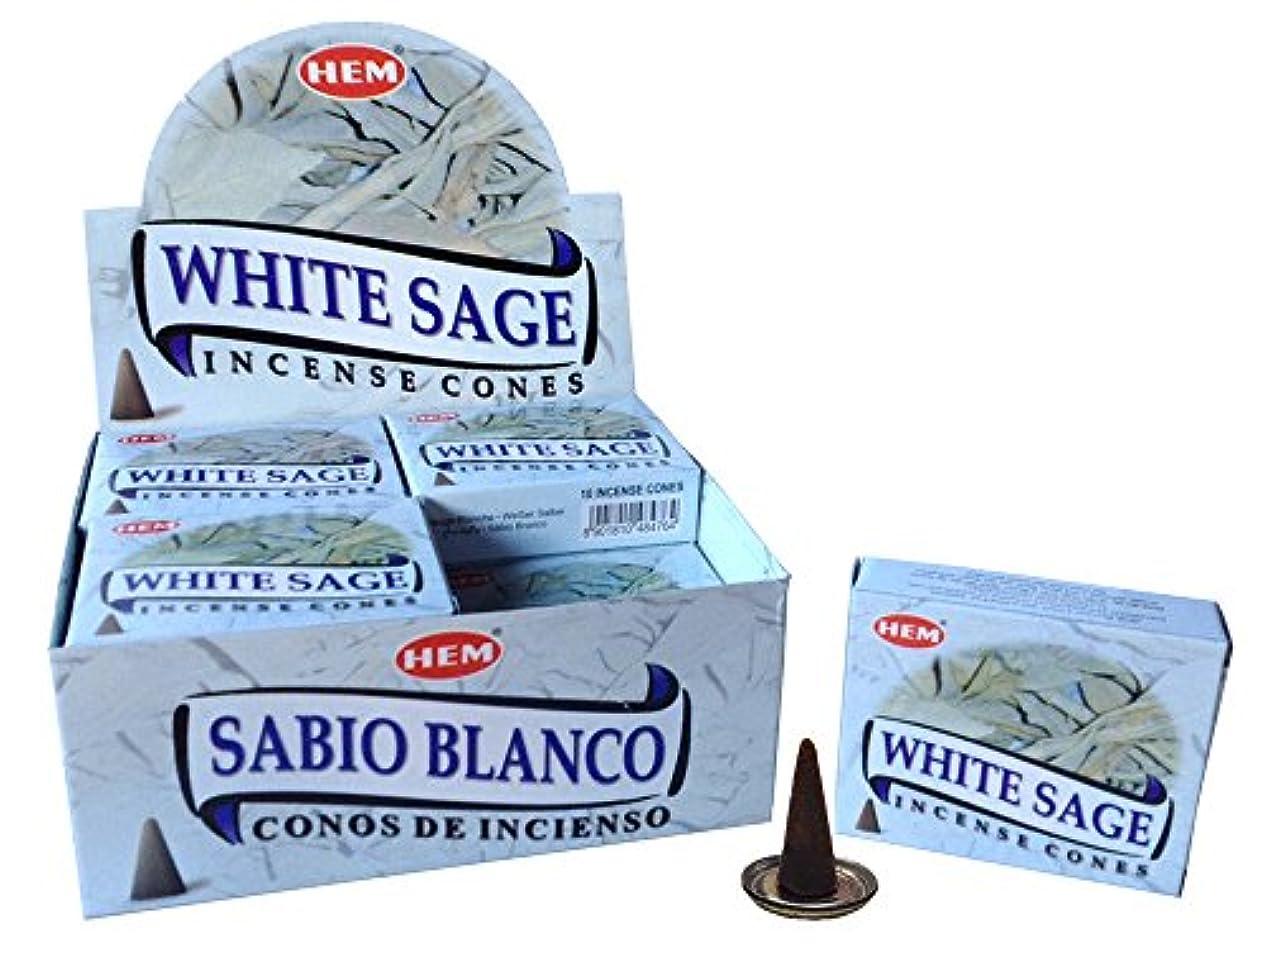 鷹ソーダ水モードHEM ホワイトセージ コーン 12個セット